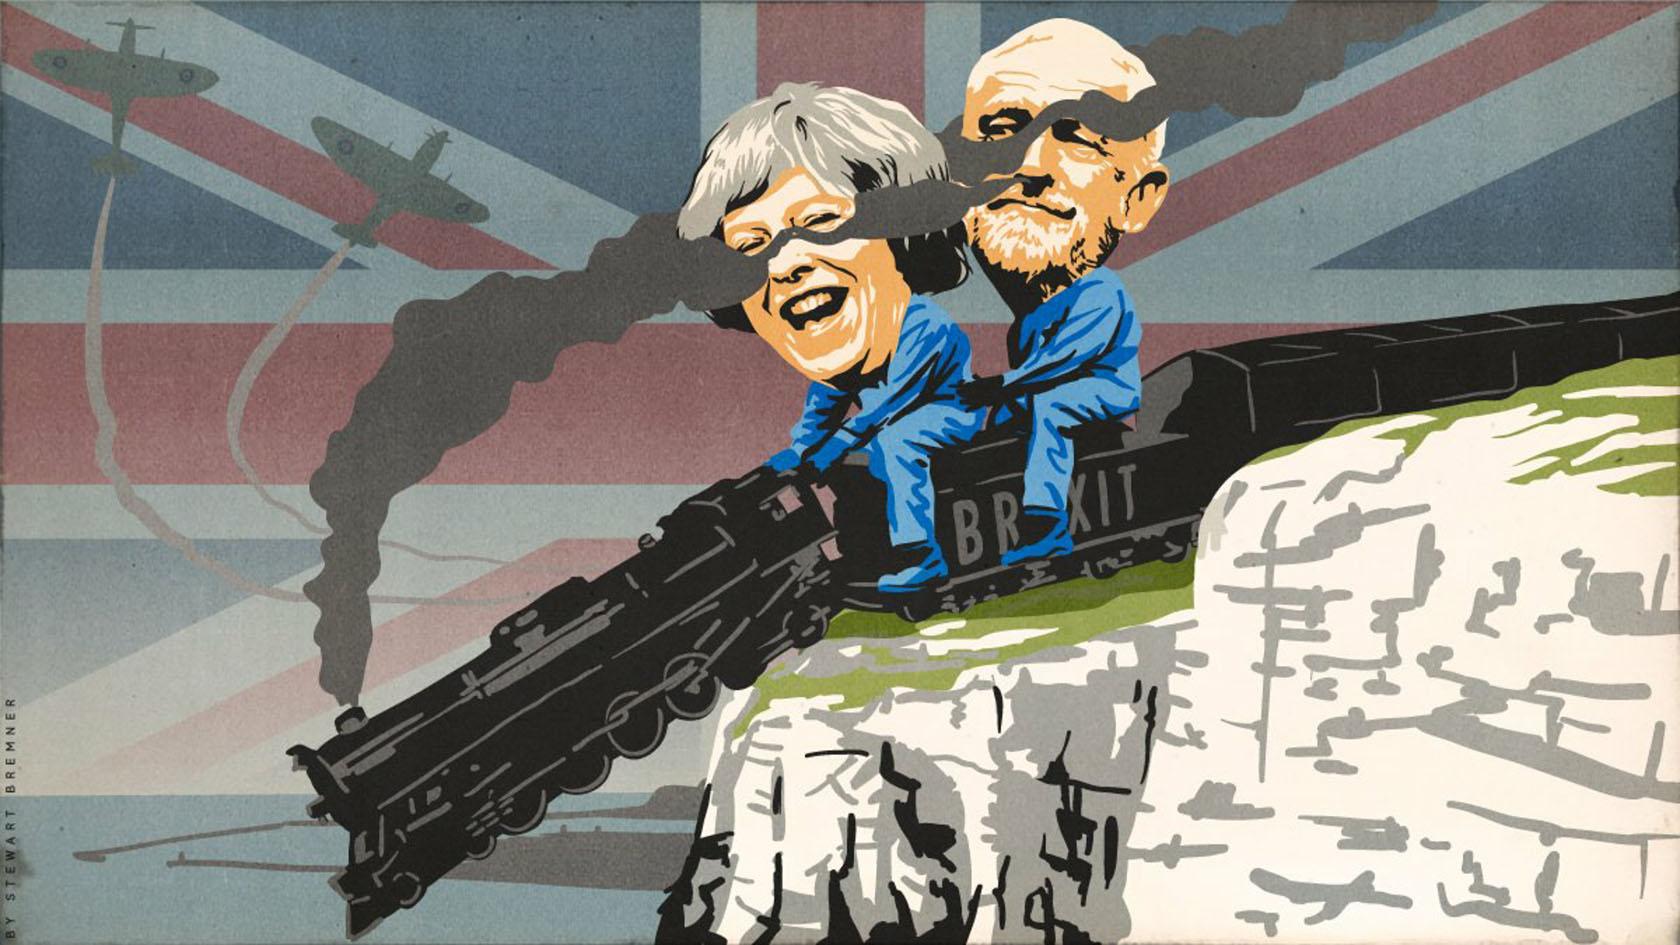 Brexit(Bremner)